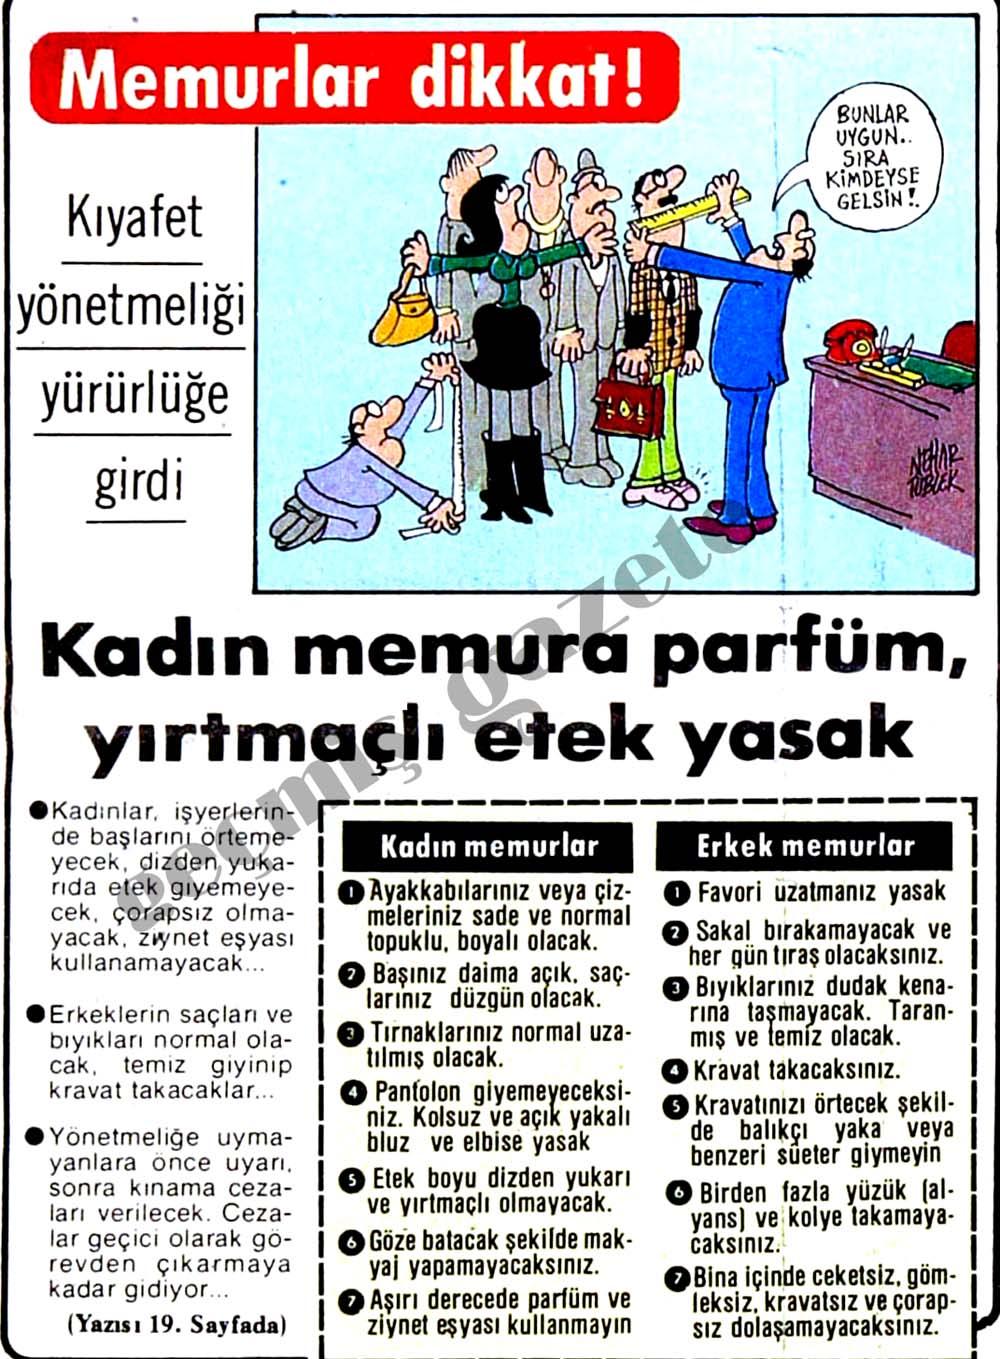 Memurlar dikkat! Kadın memura parfüm, yırtmaçlı etek yasak